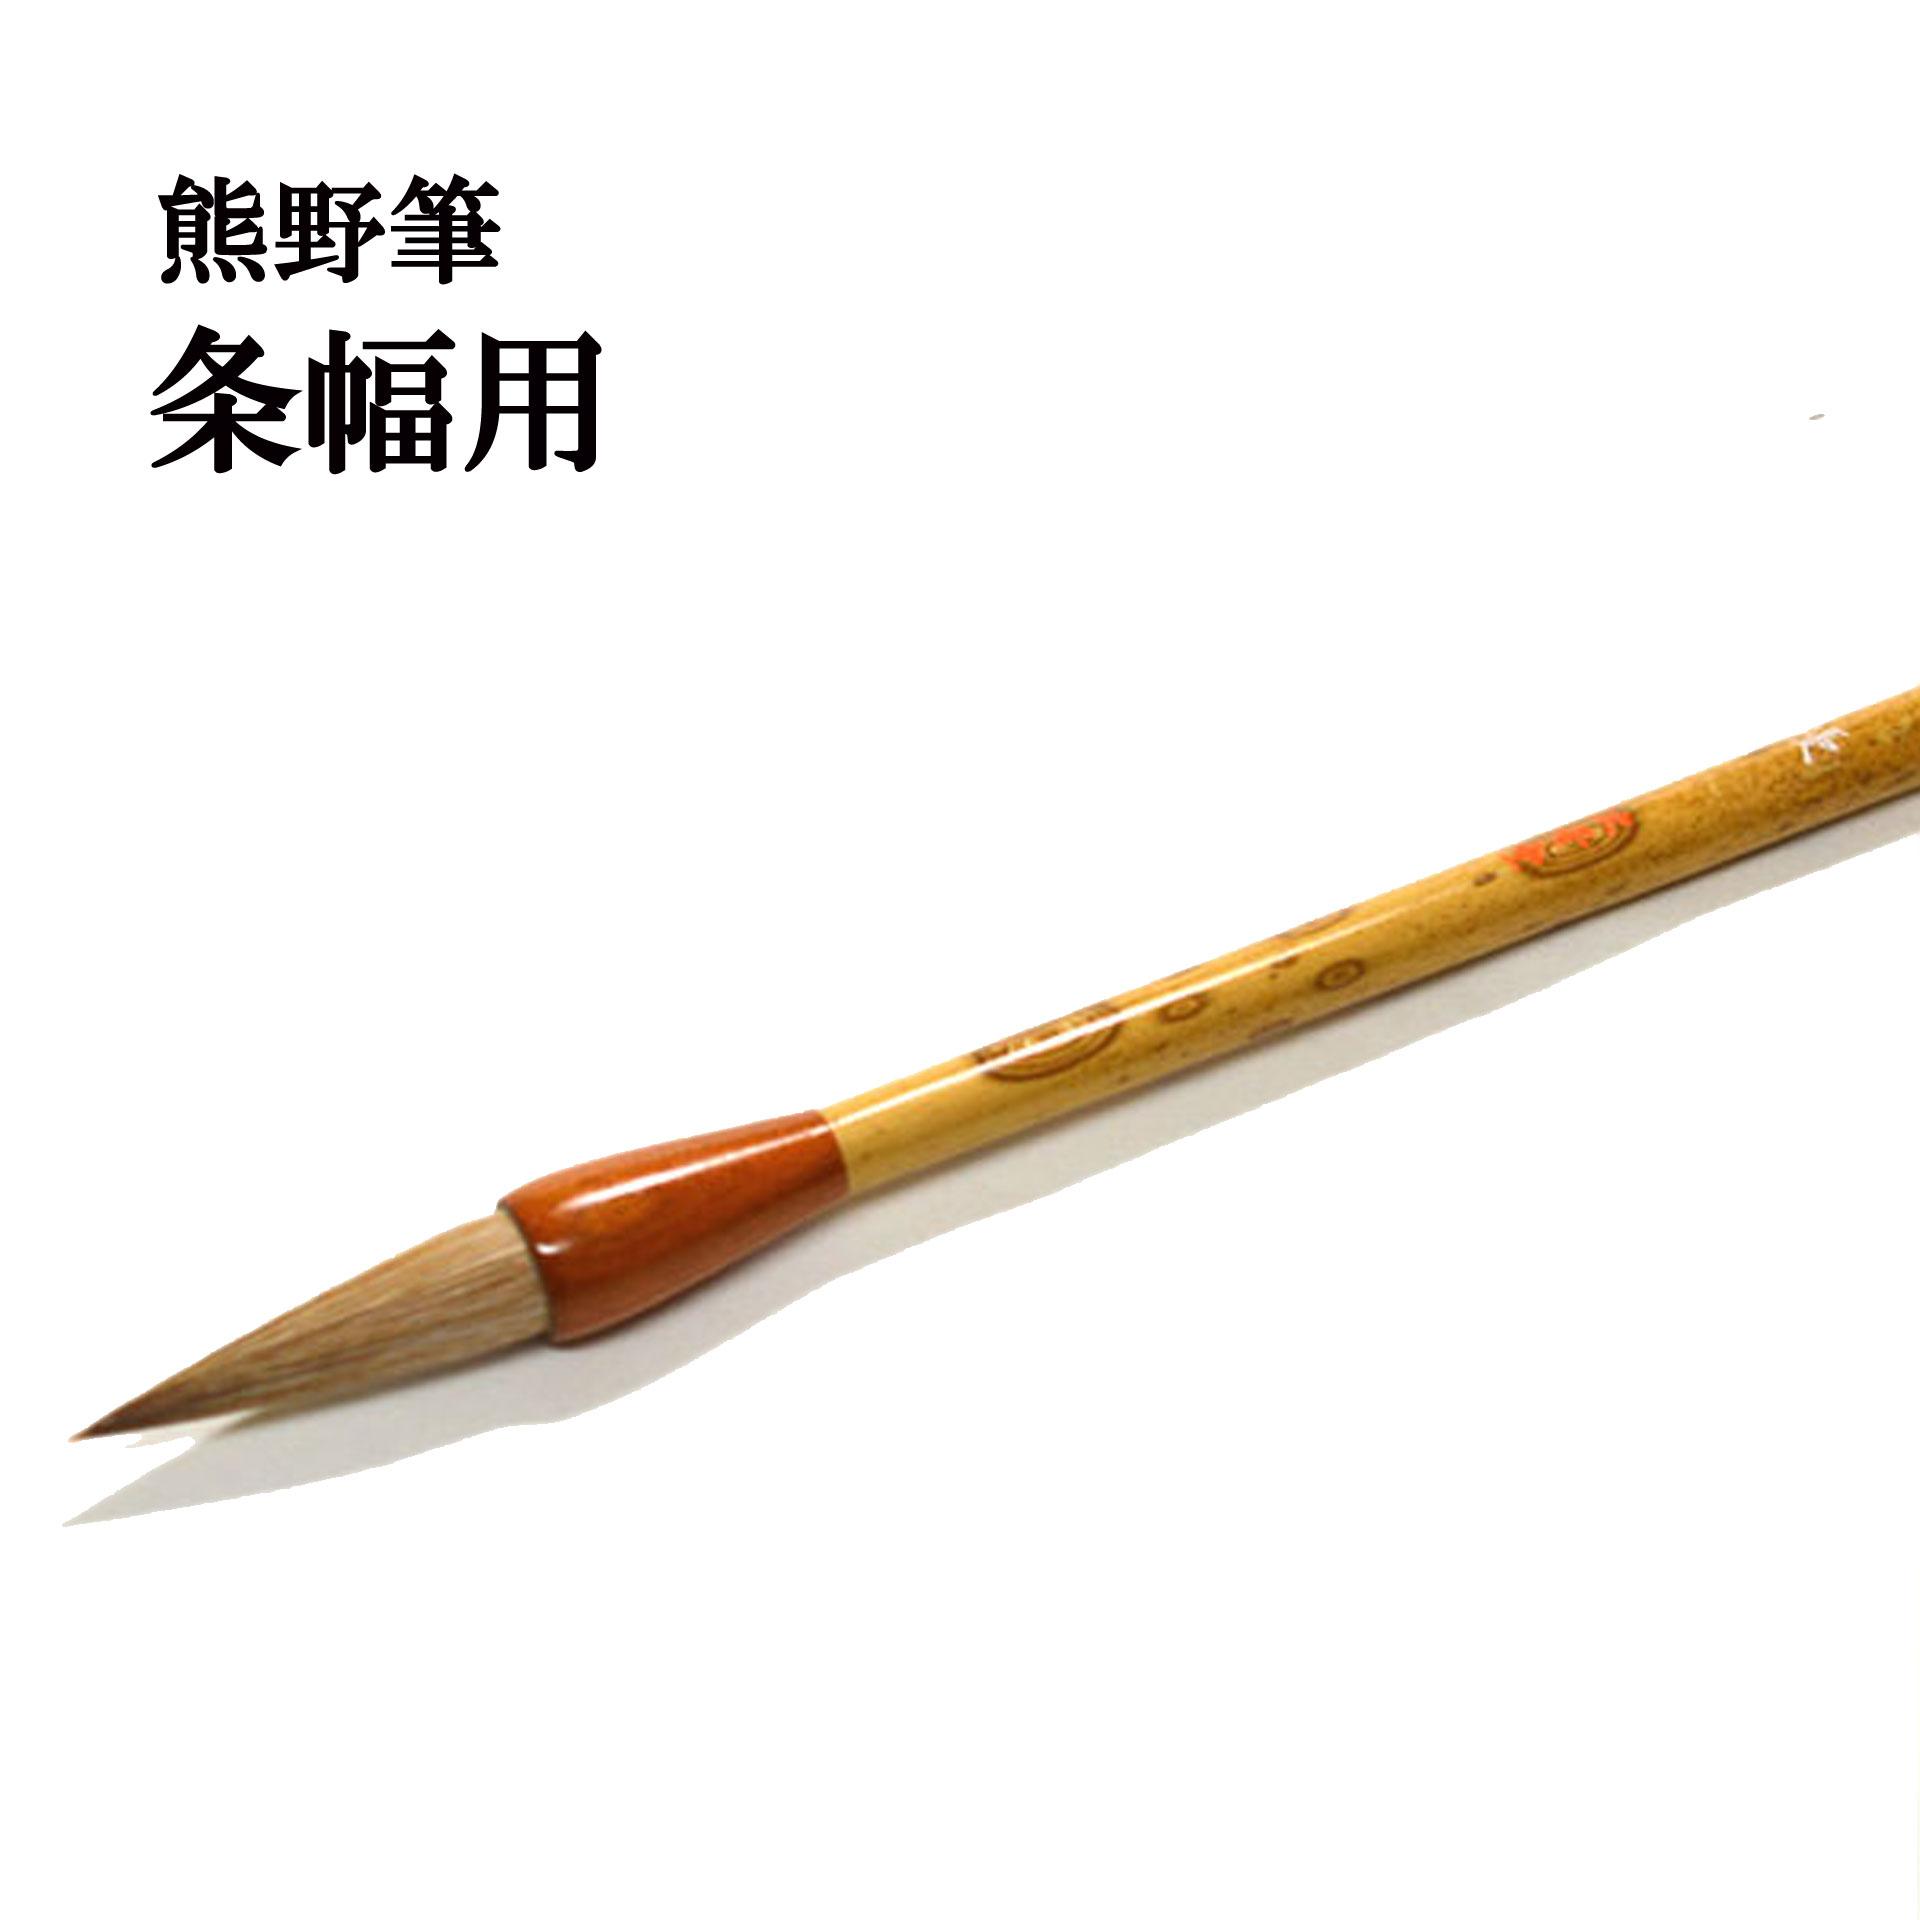 馬胴毛腰がしっかりしていて弾力があります条幅筆 書道 書道用品 腰が強く弾力があります馬胴毛 おすすめ 熊野筆 売買 T53